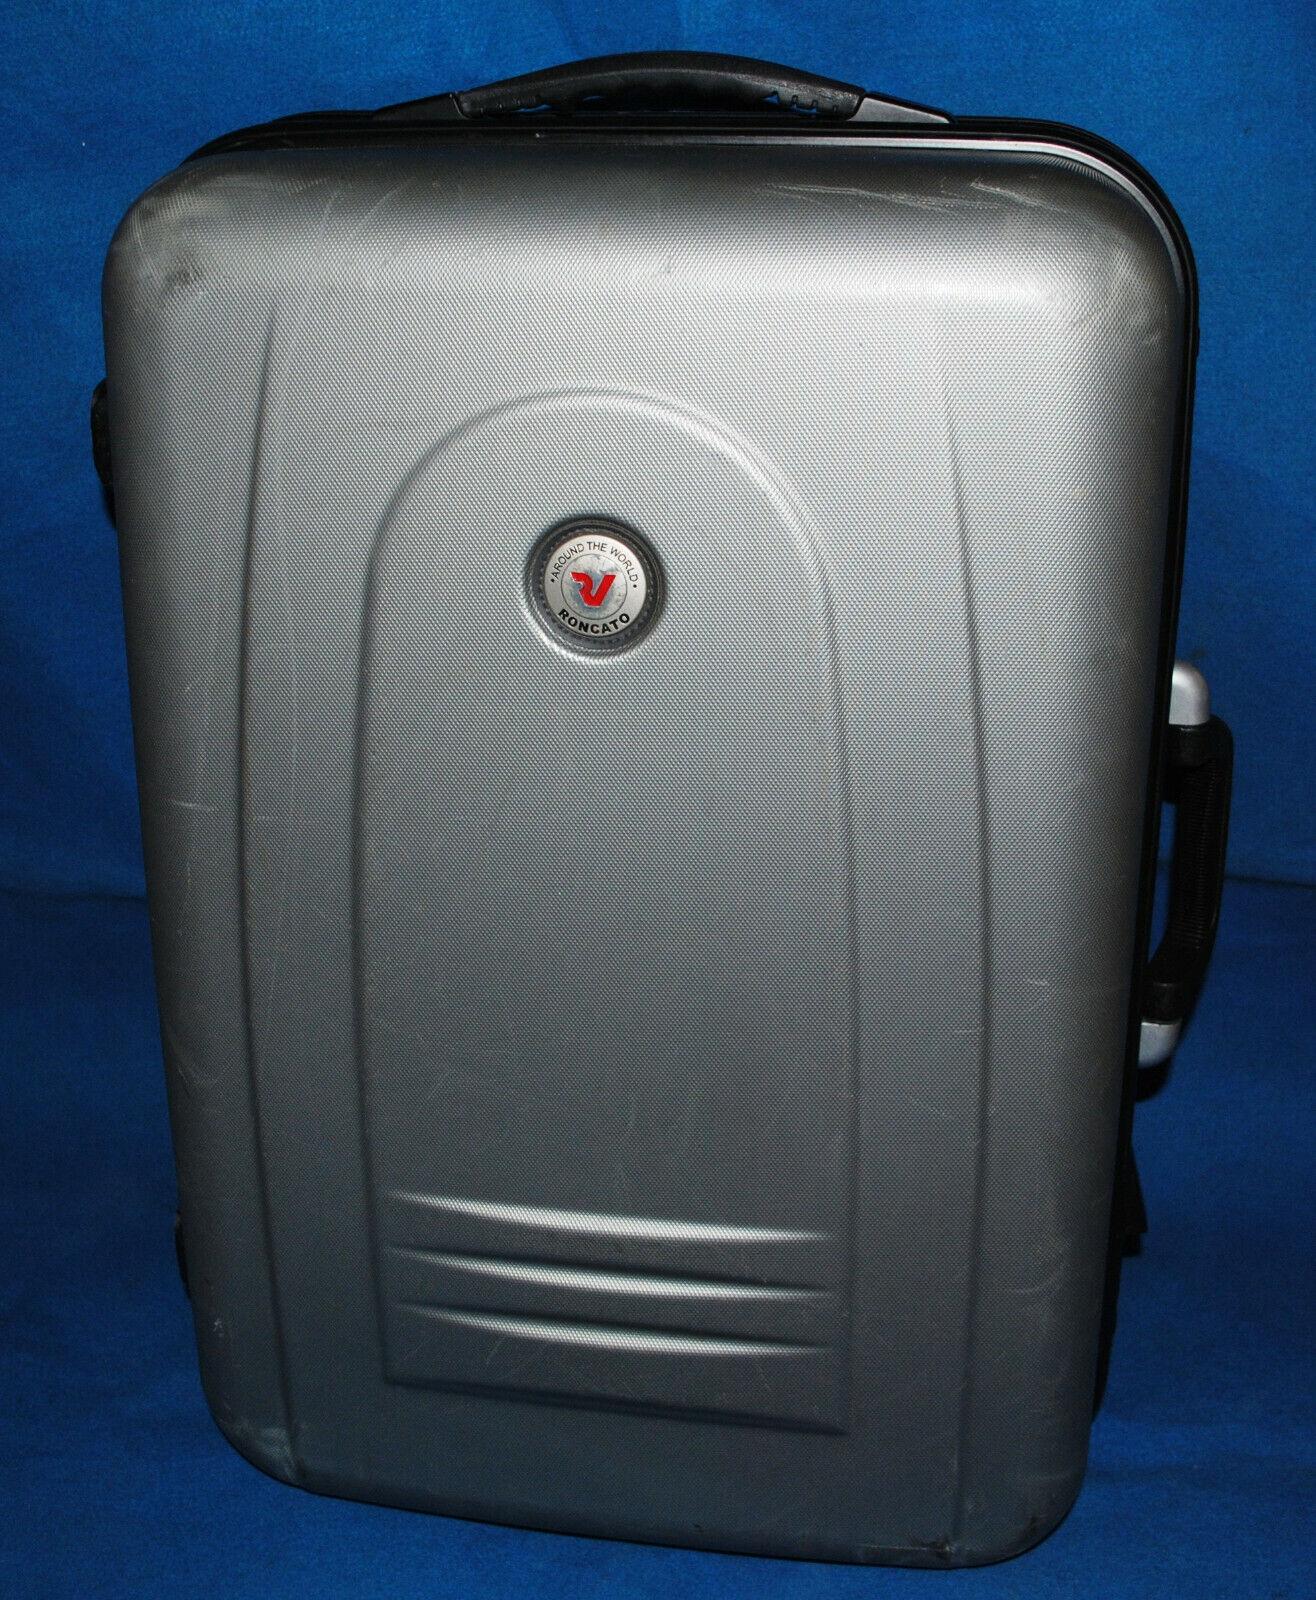 Roncato valigia con ruote altezza 64 64 64 lar 44 profondita' 26 cm fb95bf